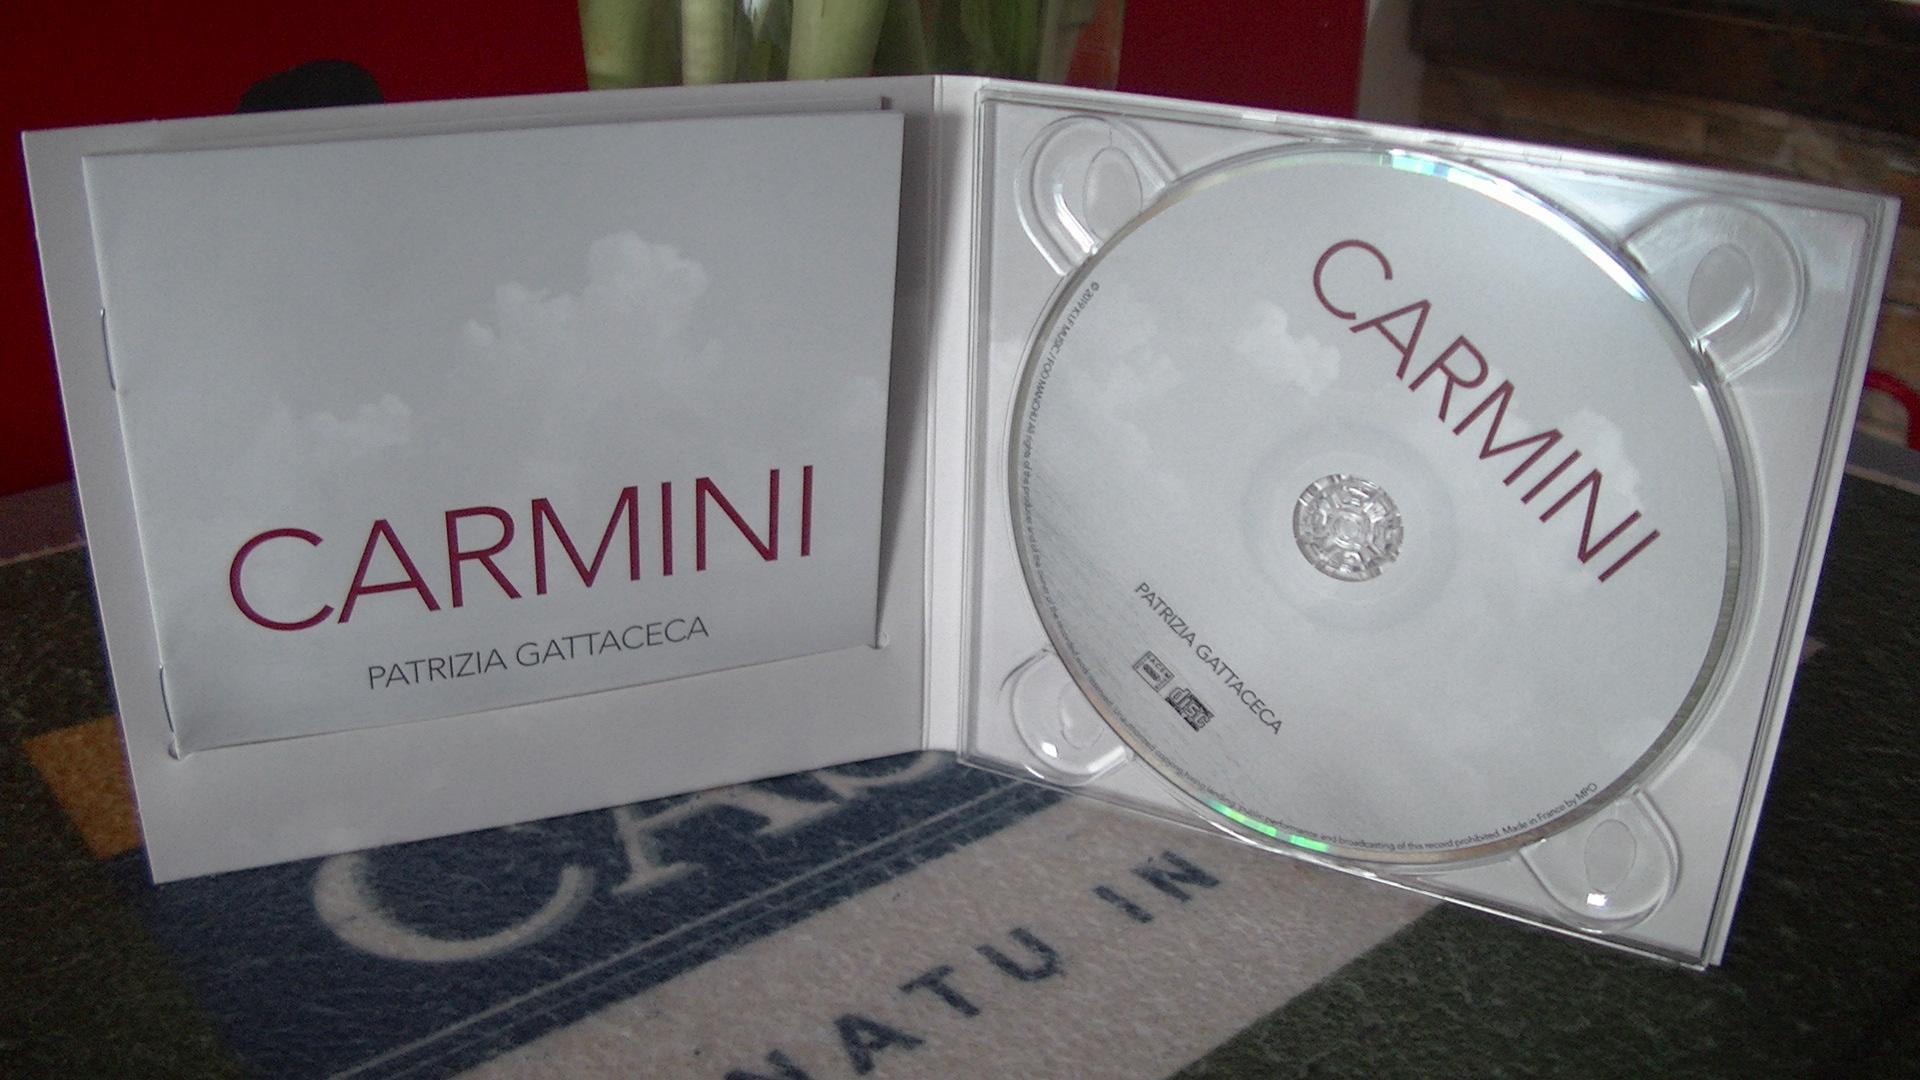 Musique : Le tout nouveau bijou de Patrizia Gattaceca